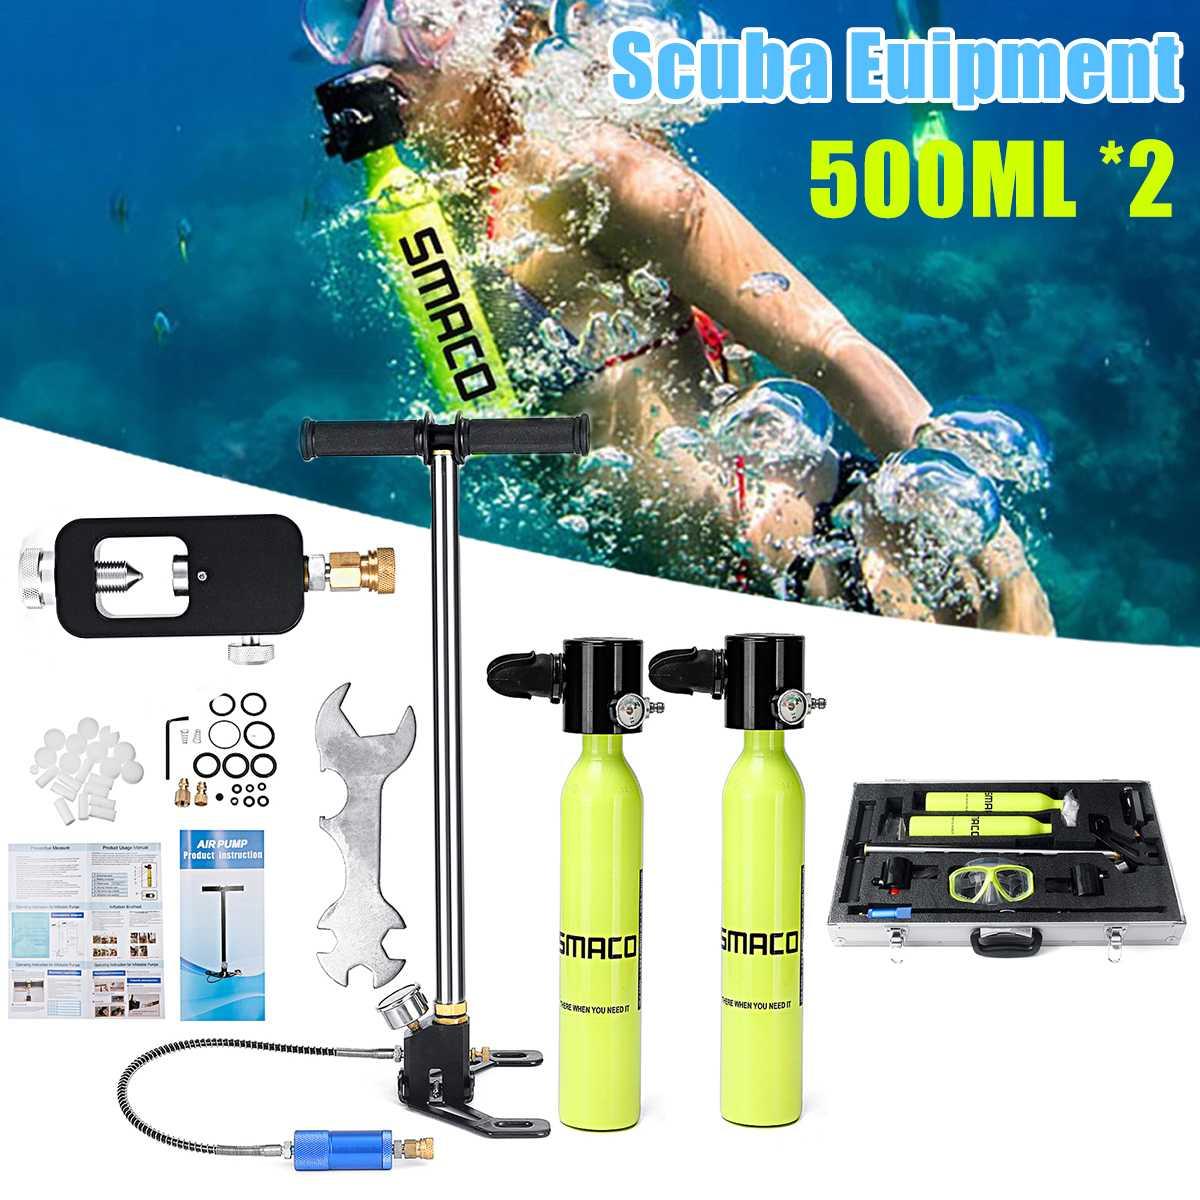 6 en 1 500 ml système de plongée Mini bouteille de plongée sous-marine réserve d'oxygène pompe à réservoir d'air boîte en aluminium équipement de plongée en apnée ensemble